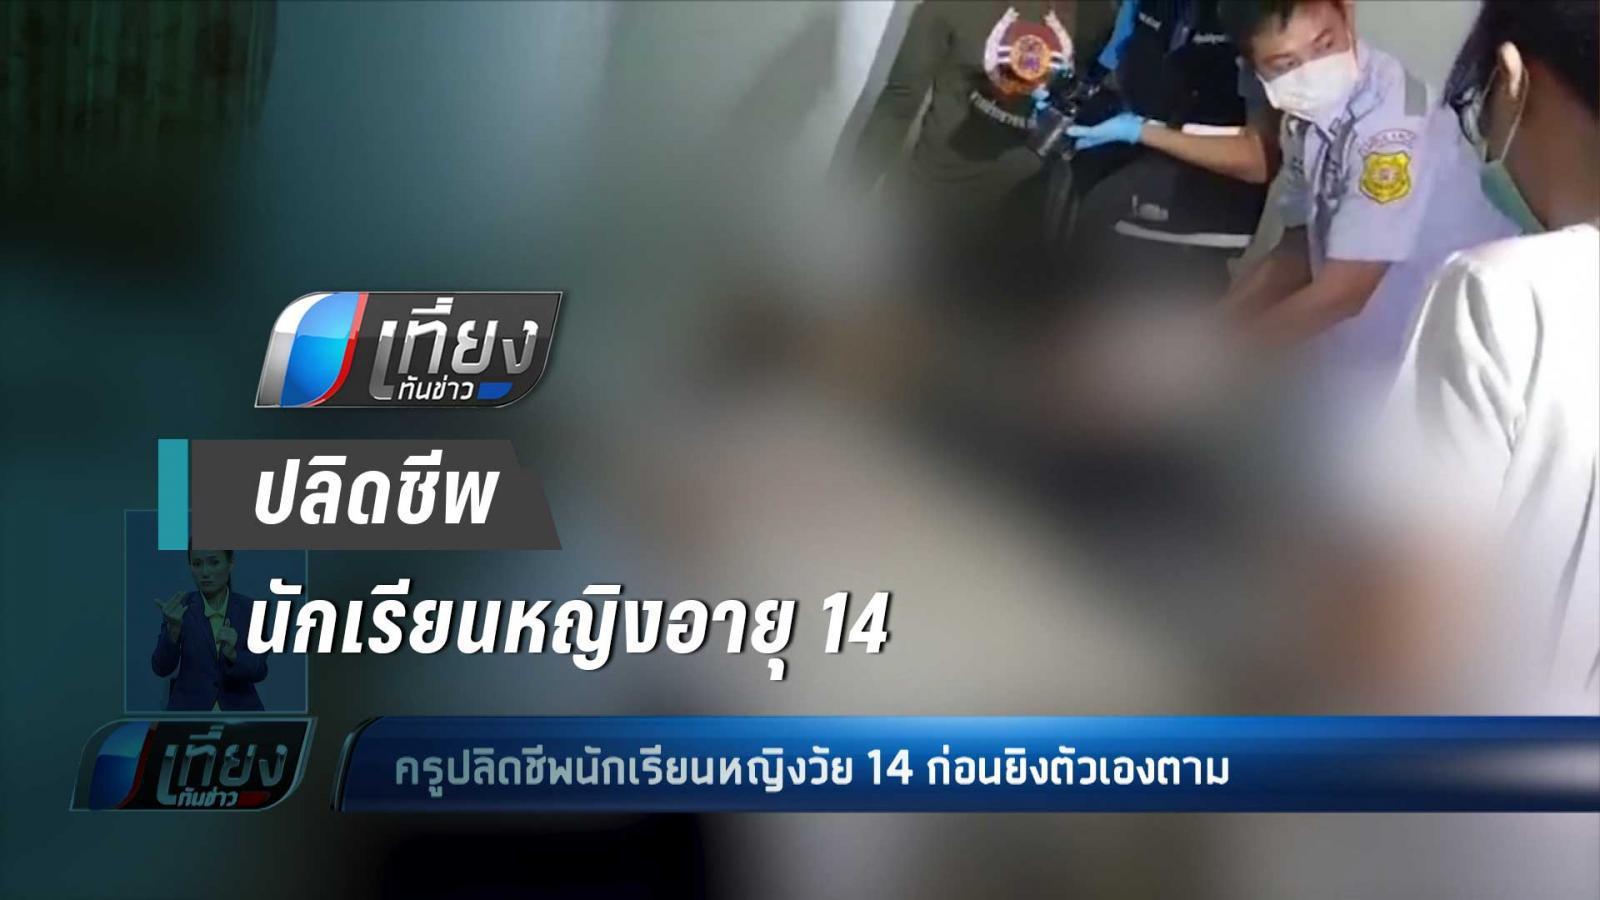 ครู ปลิดชีพ นร.หญิง 14 ก่อนยิง ตัวเองตายตาม